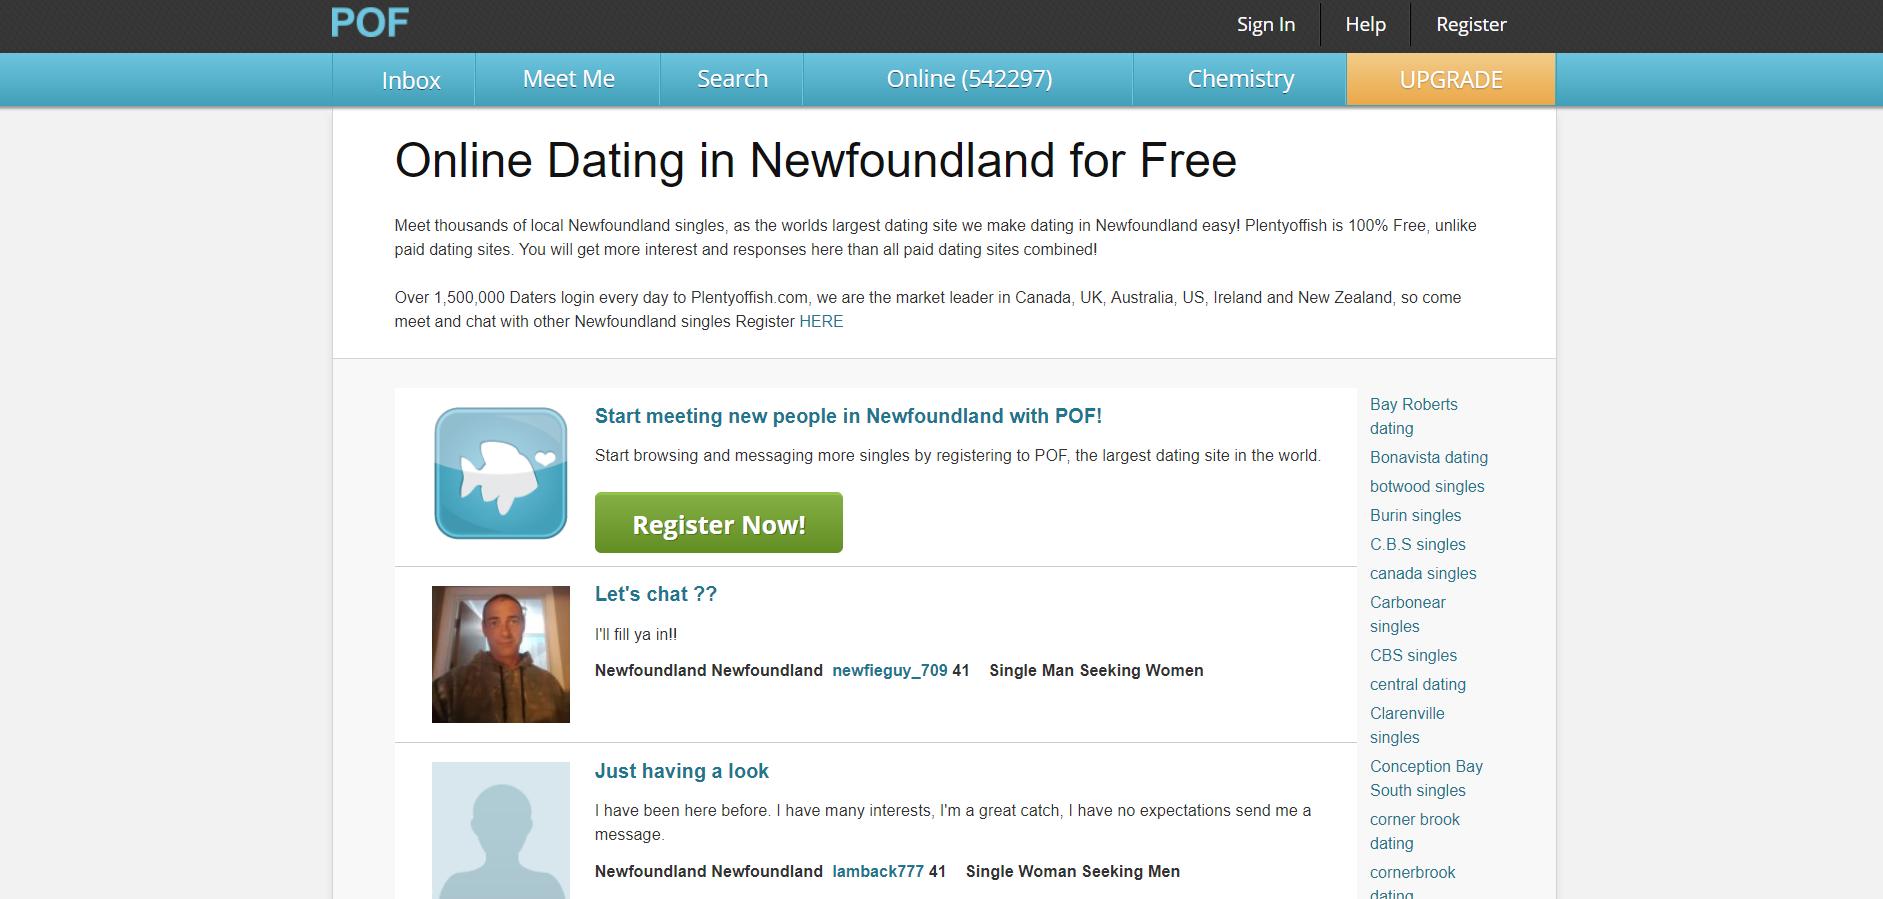 tarkistettuja dating arvostelut